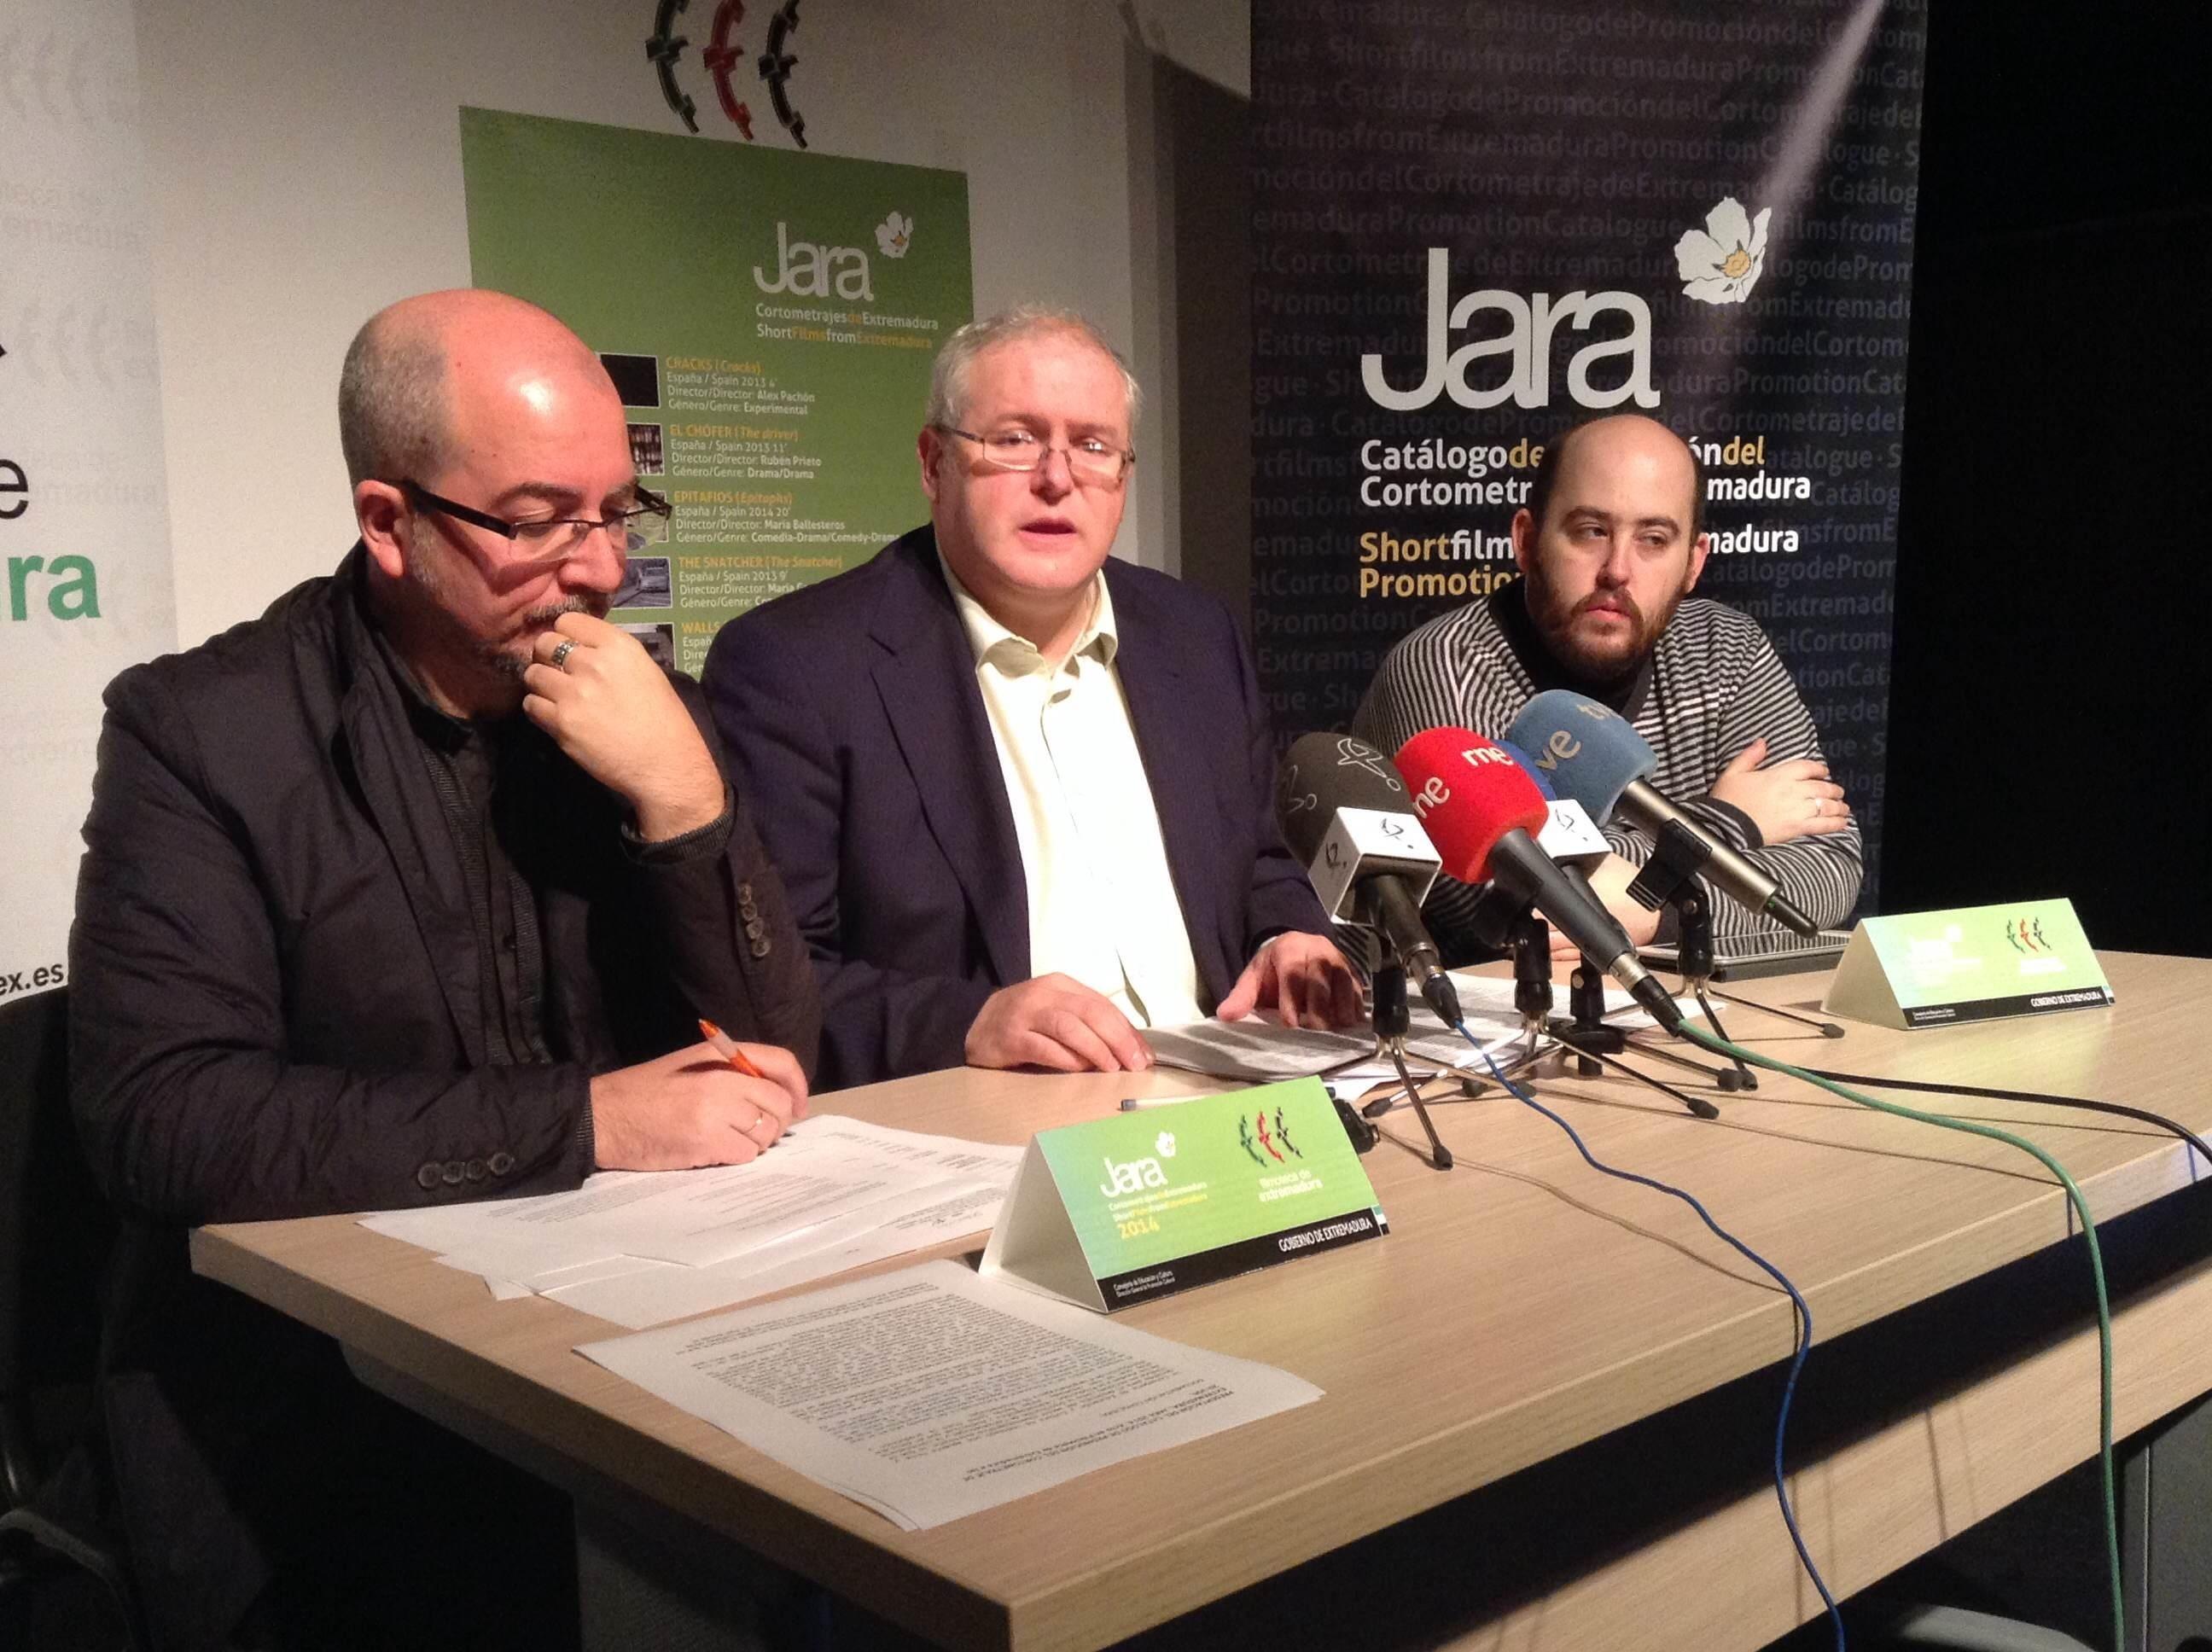 El catálogo »Jara» de promoción del cortometraje incluye en 2014 cinco obras con denominación de origen extremeña